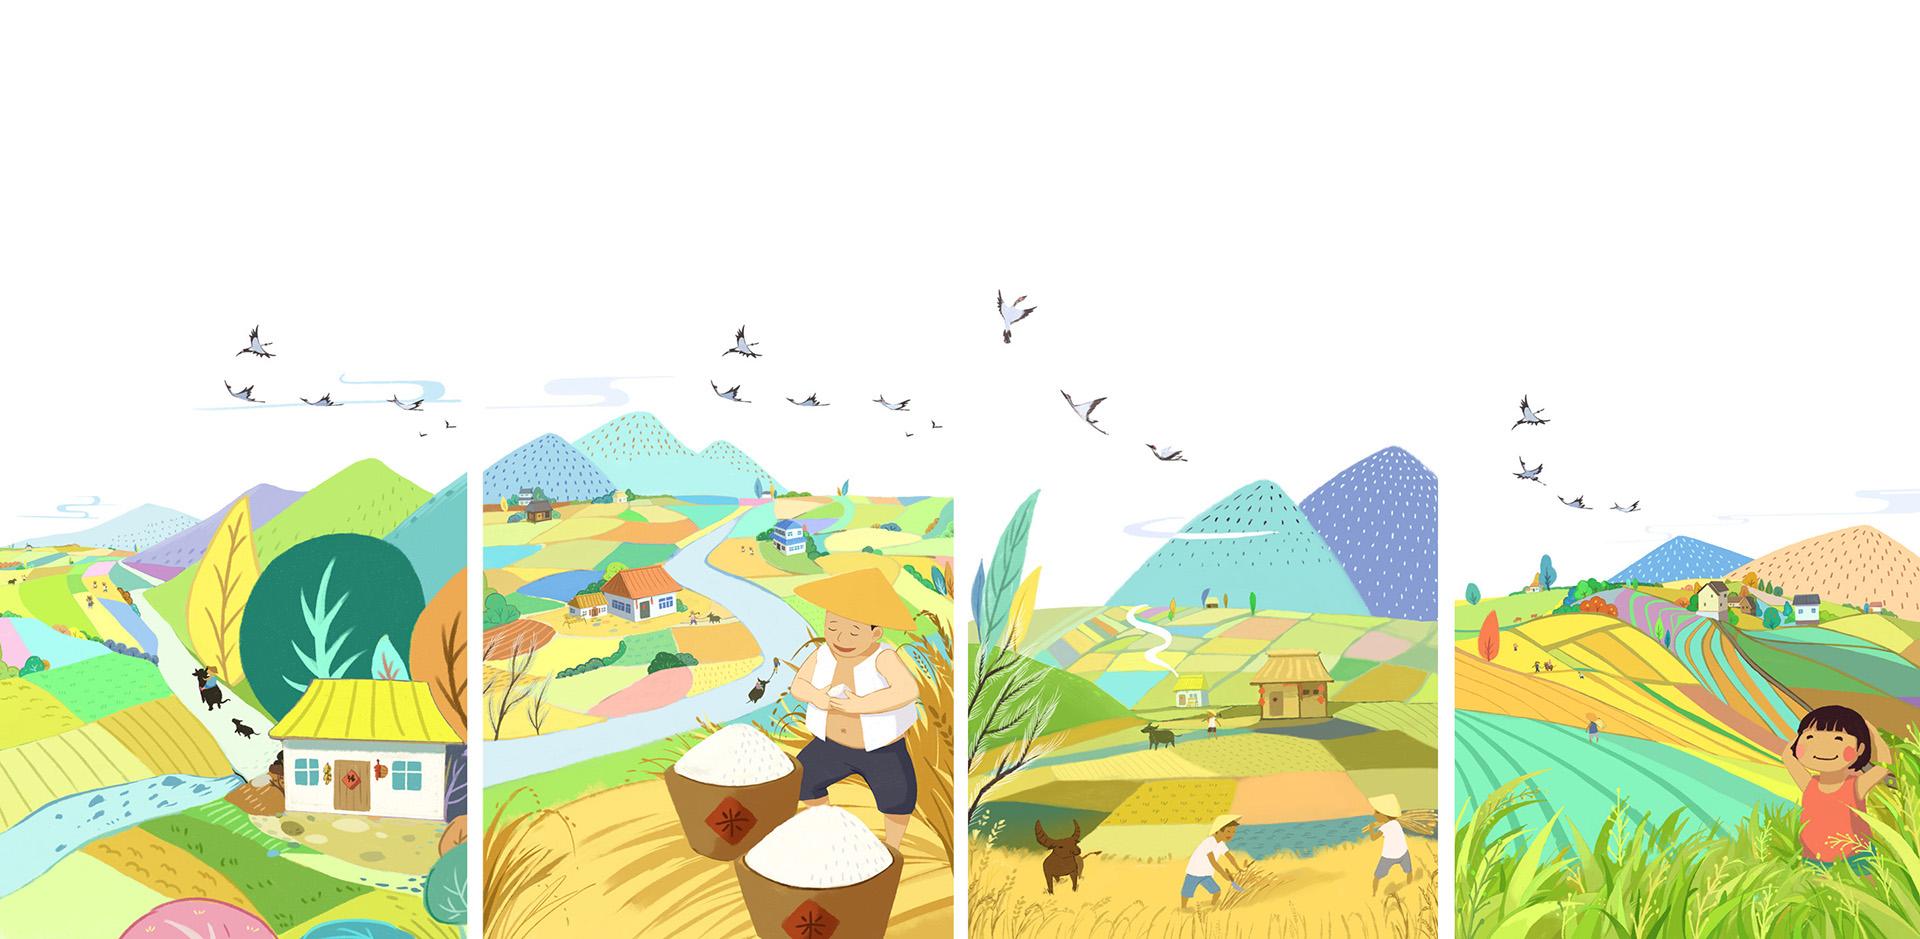 源丰米业大米系列插画创作